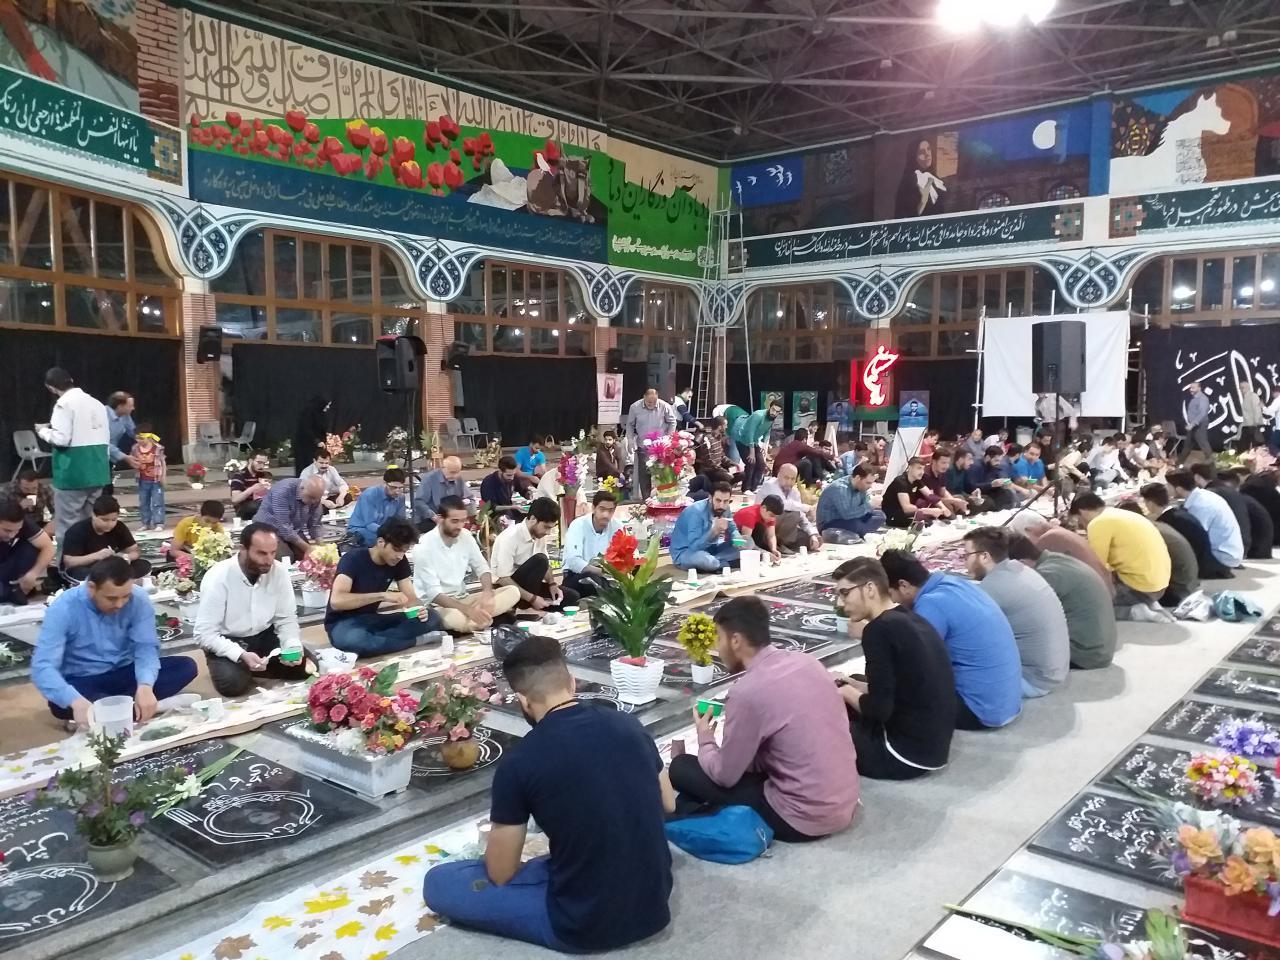 بیش از  ۲۰۰۰۰ گیلانی متنعم از سفره اکرام رضوی